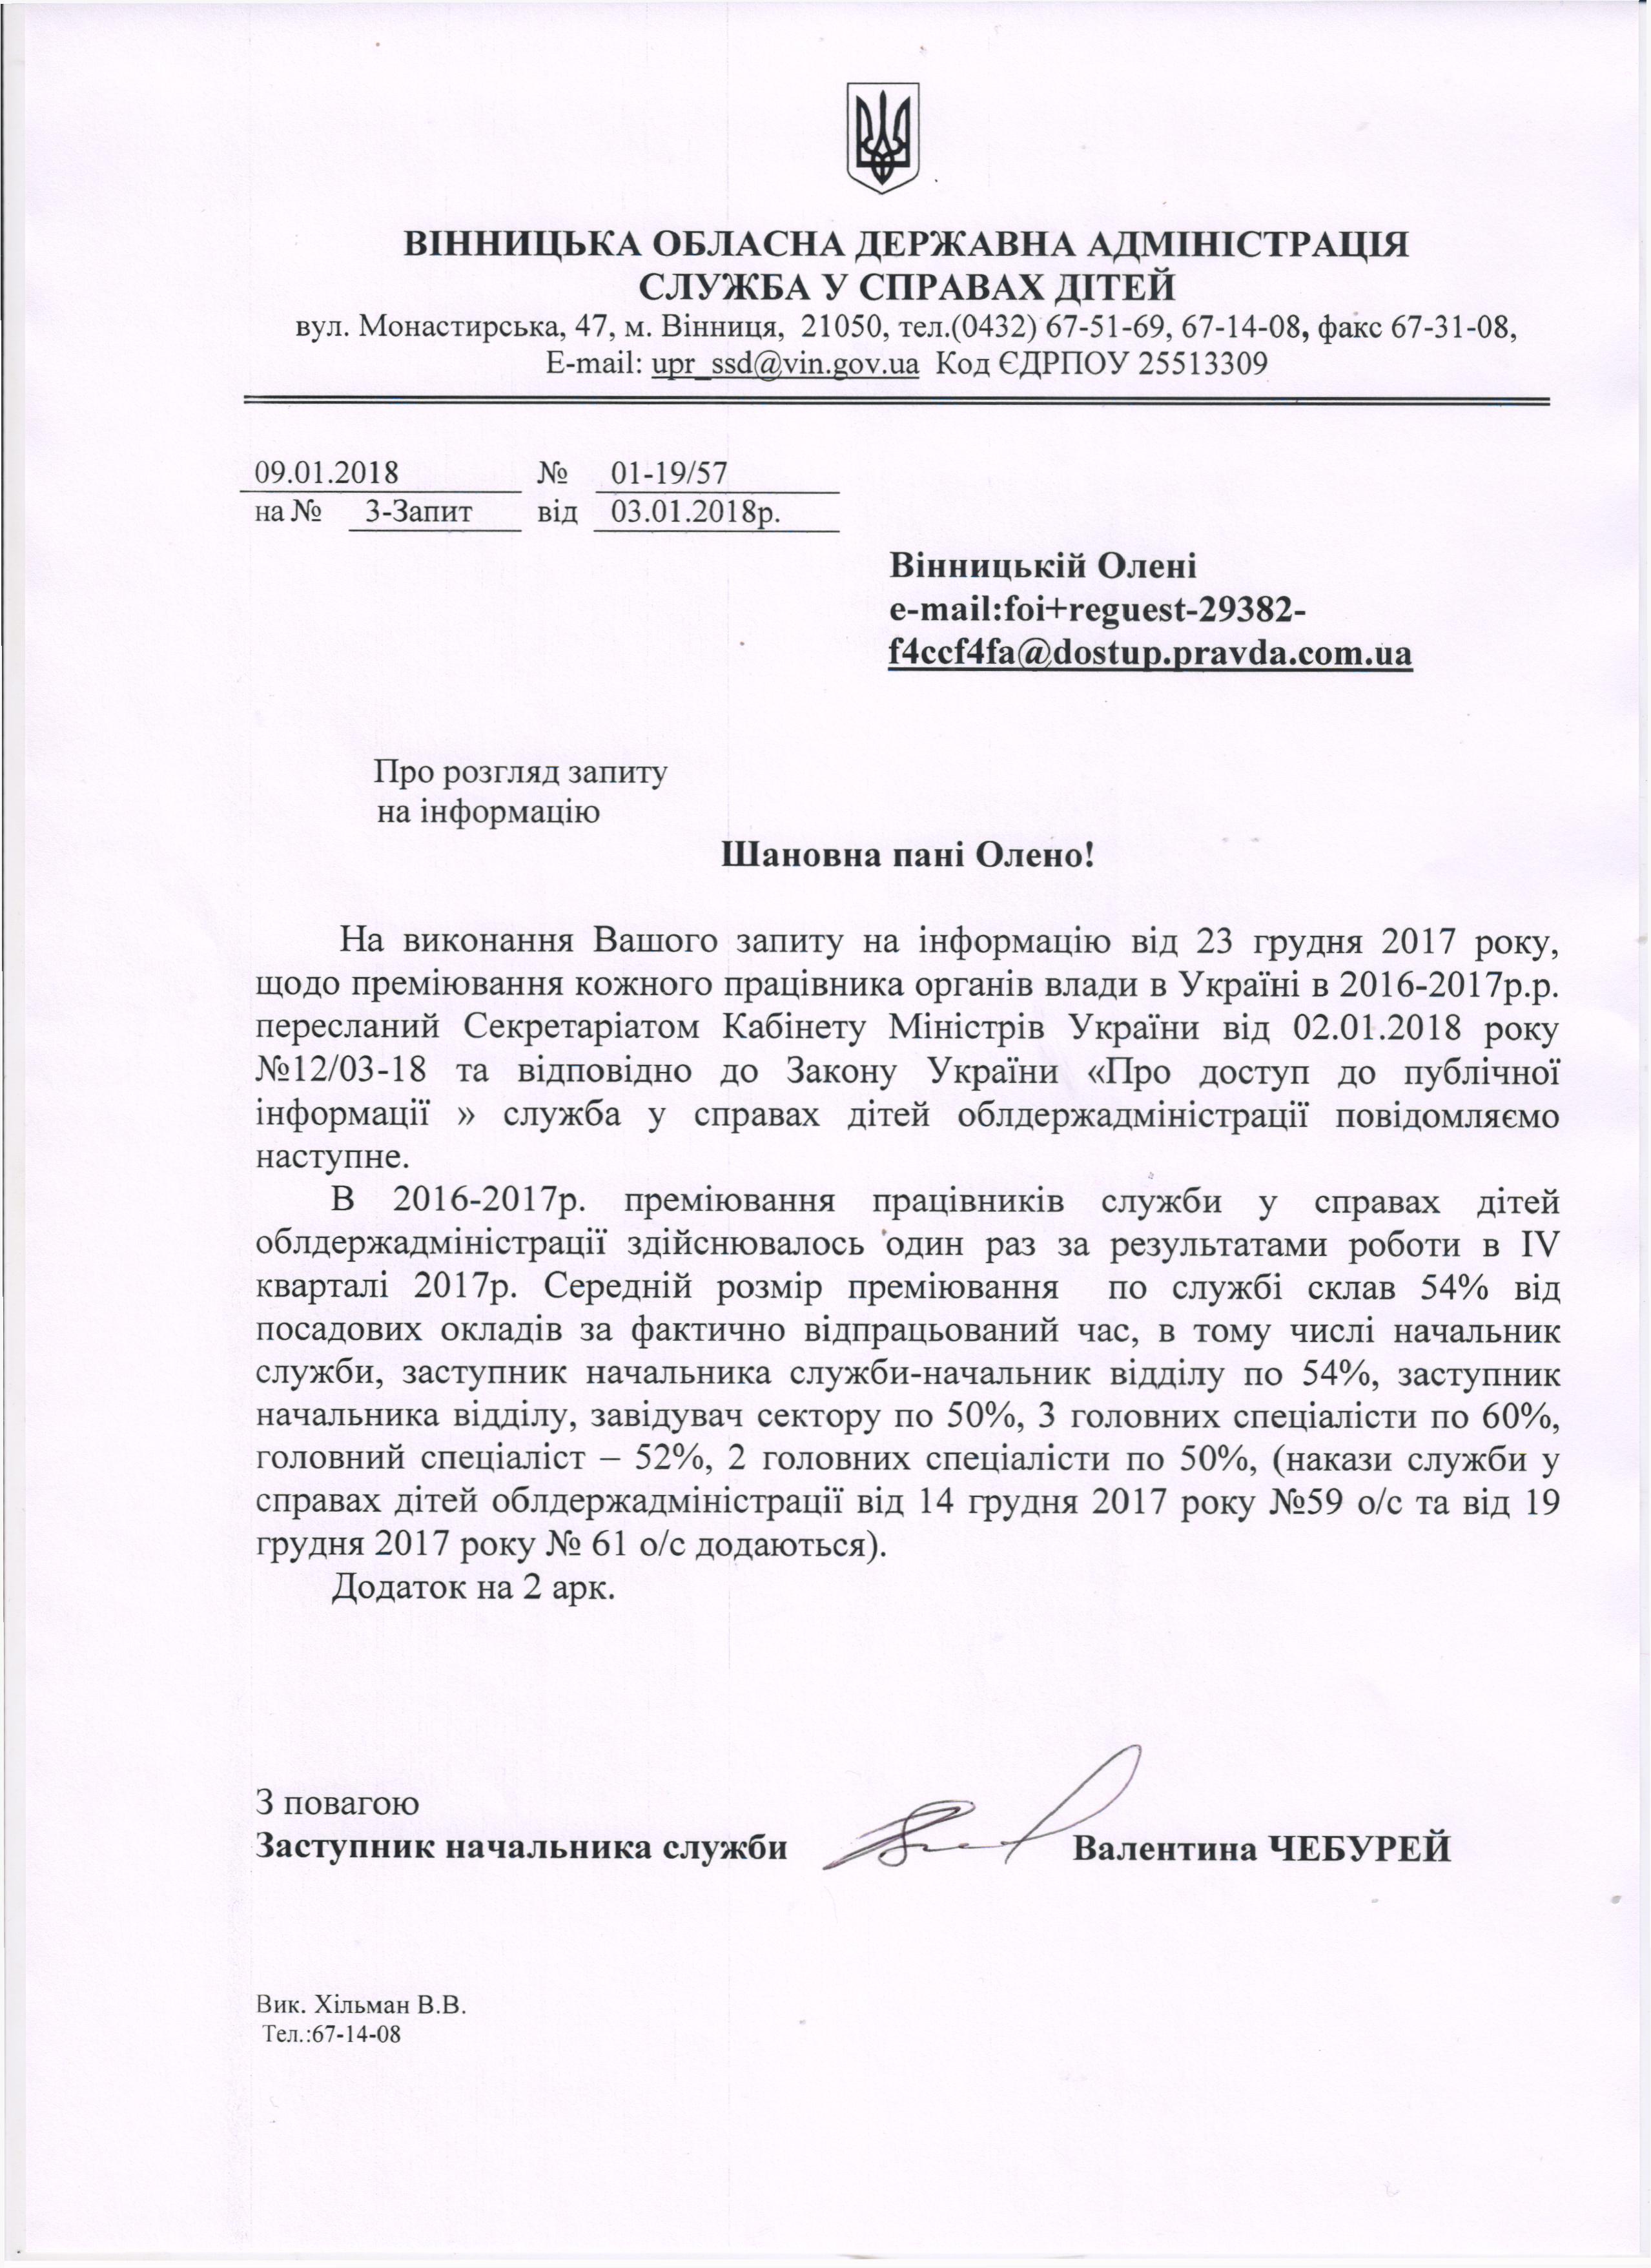 Бюджетні кошти - запит до: Кабінет Міністрів України